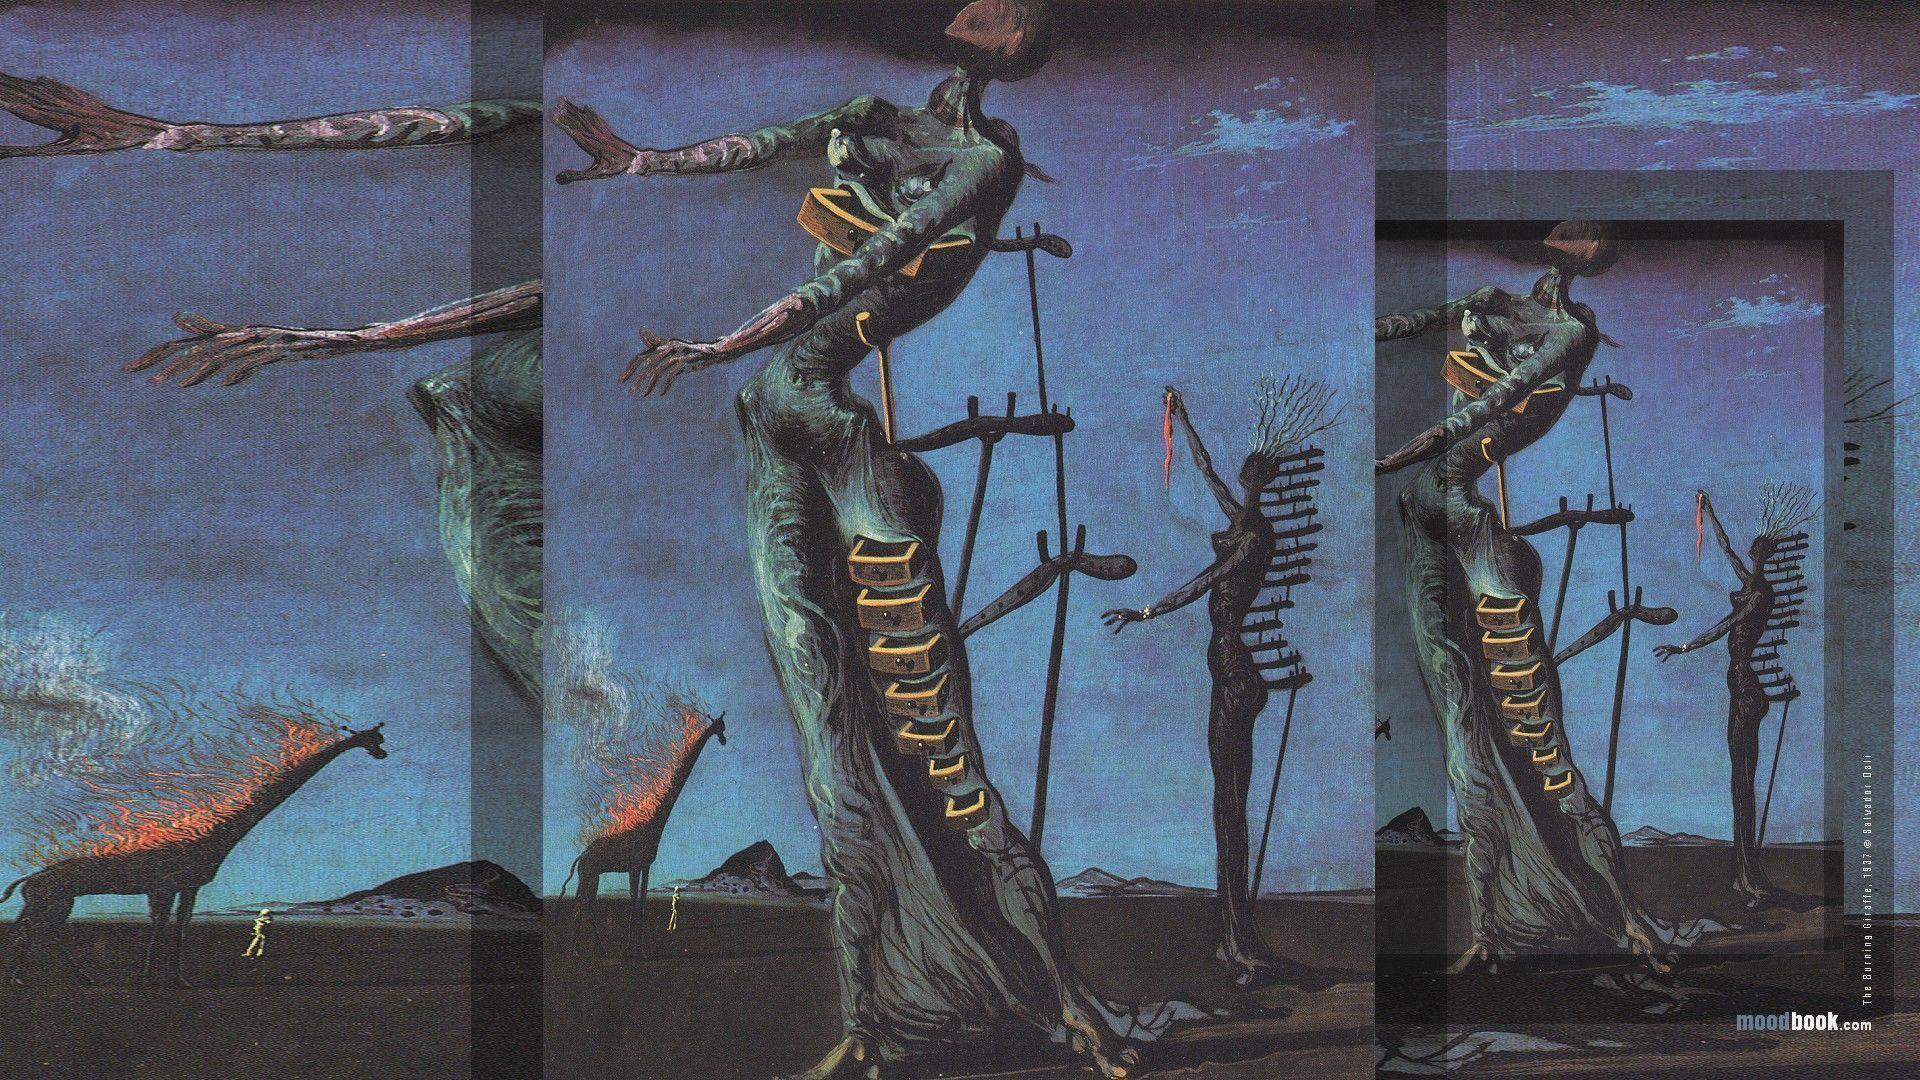 3d Illusion Wallpapers Hd Salvador Dali Desktop Wallpapers Wallpaper Cave